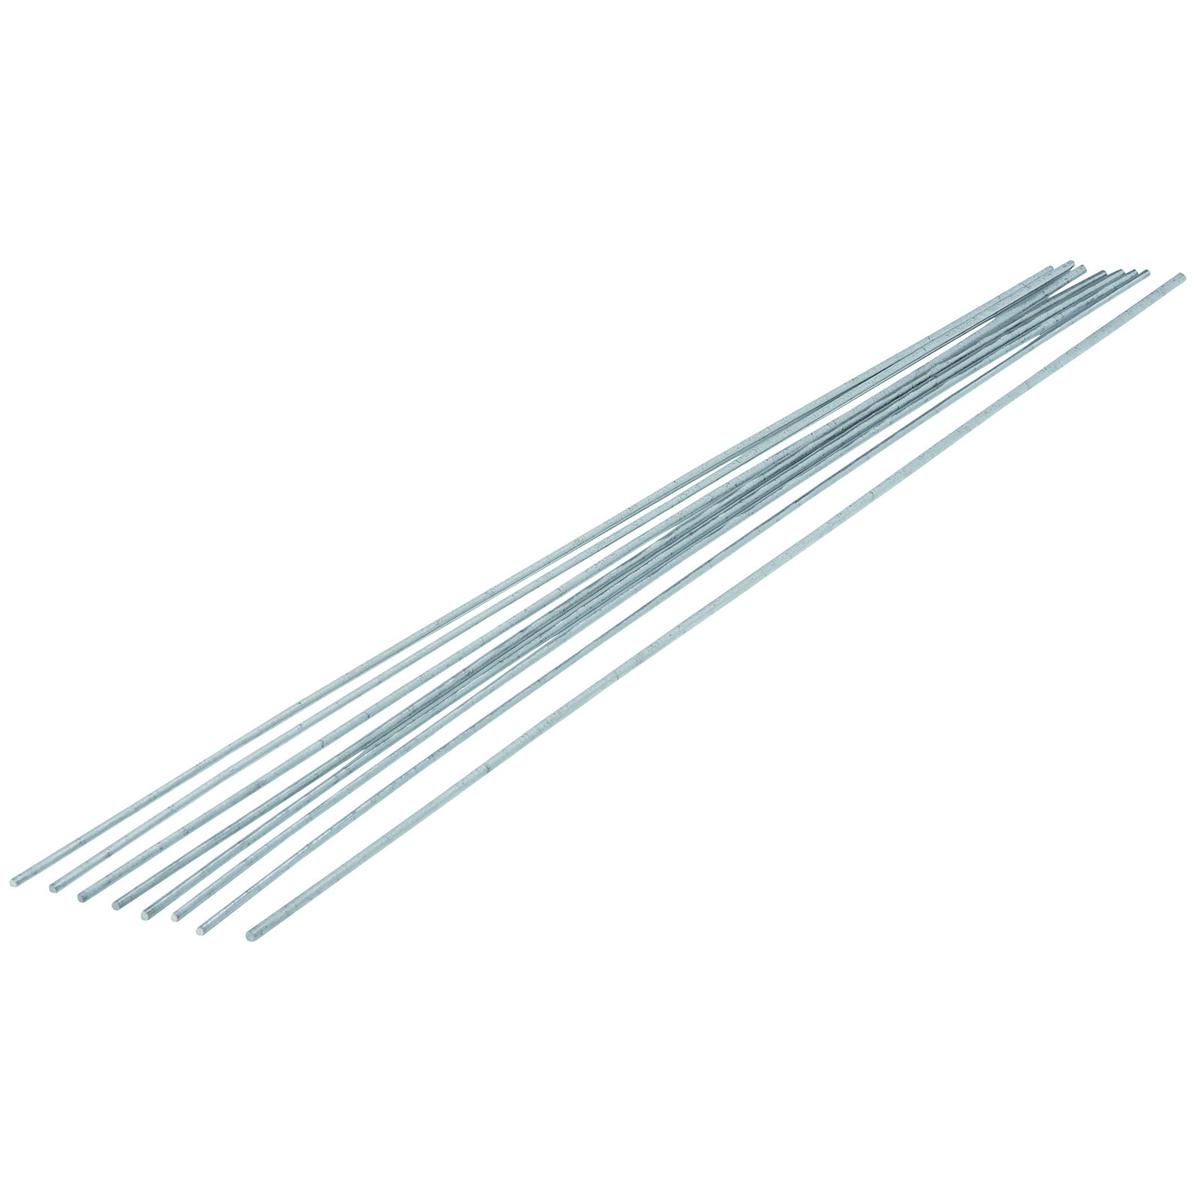 Aluminum Welding Rods Pack Of 8 Low Temperature Rods